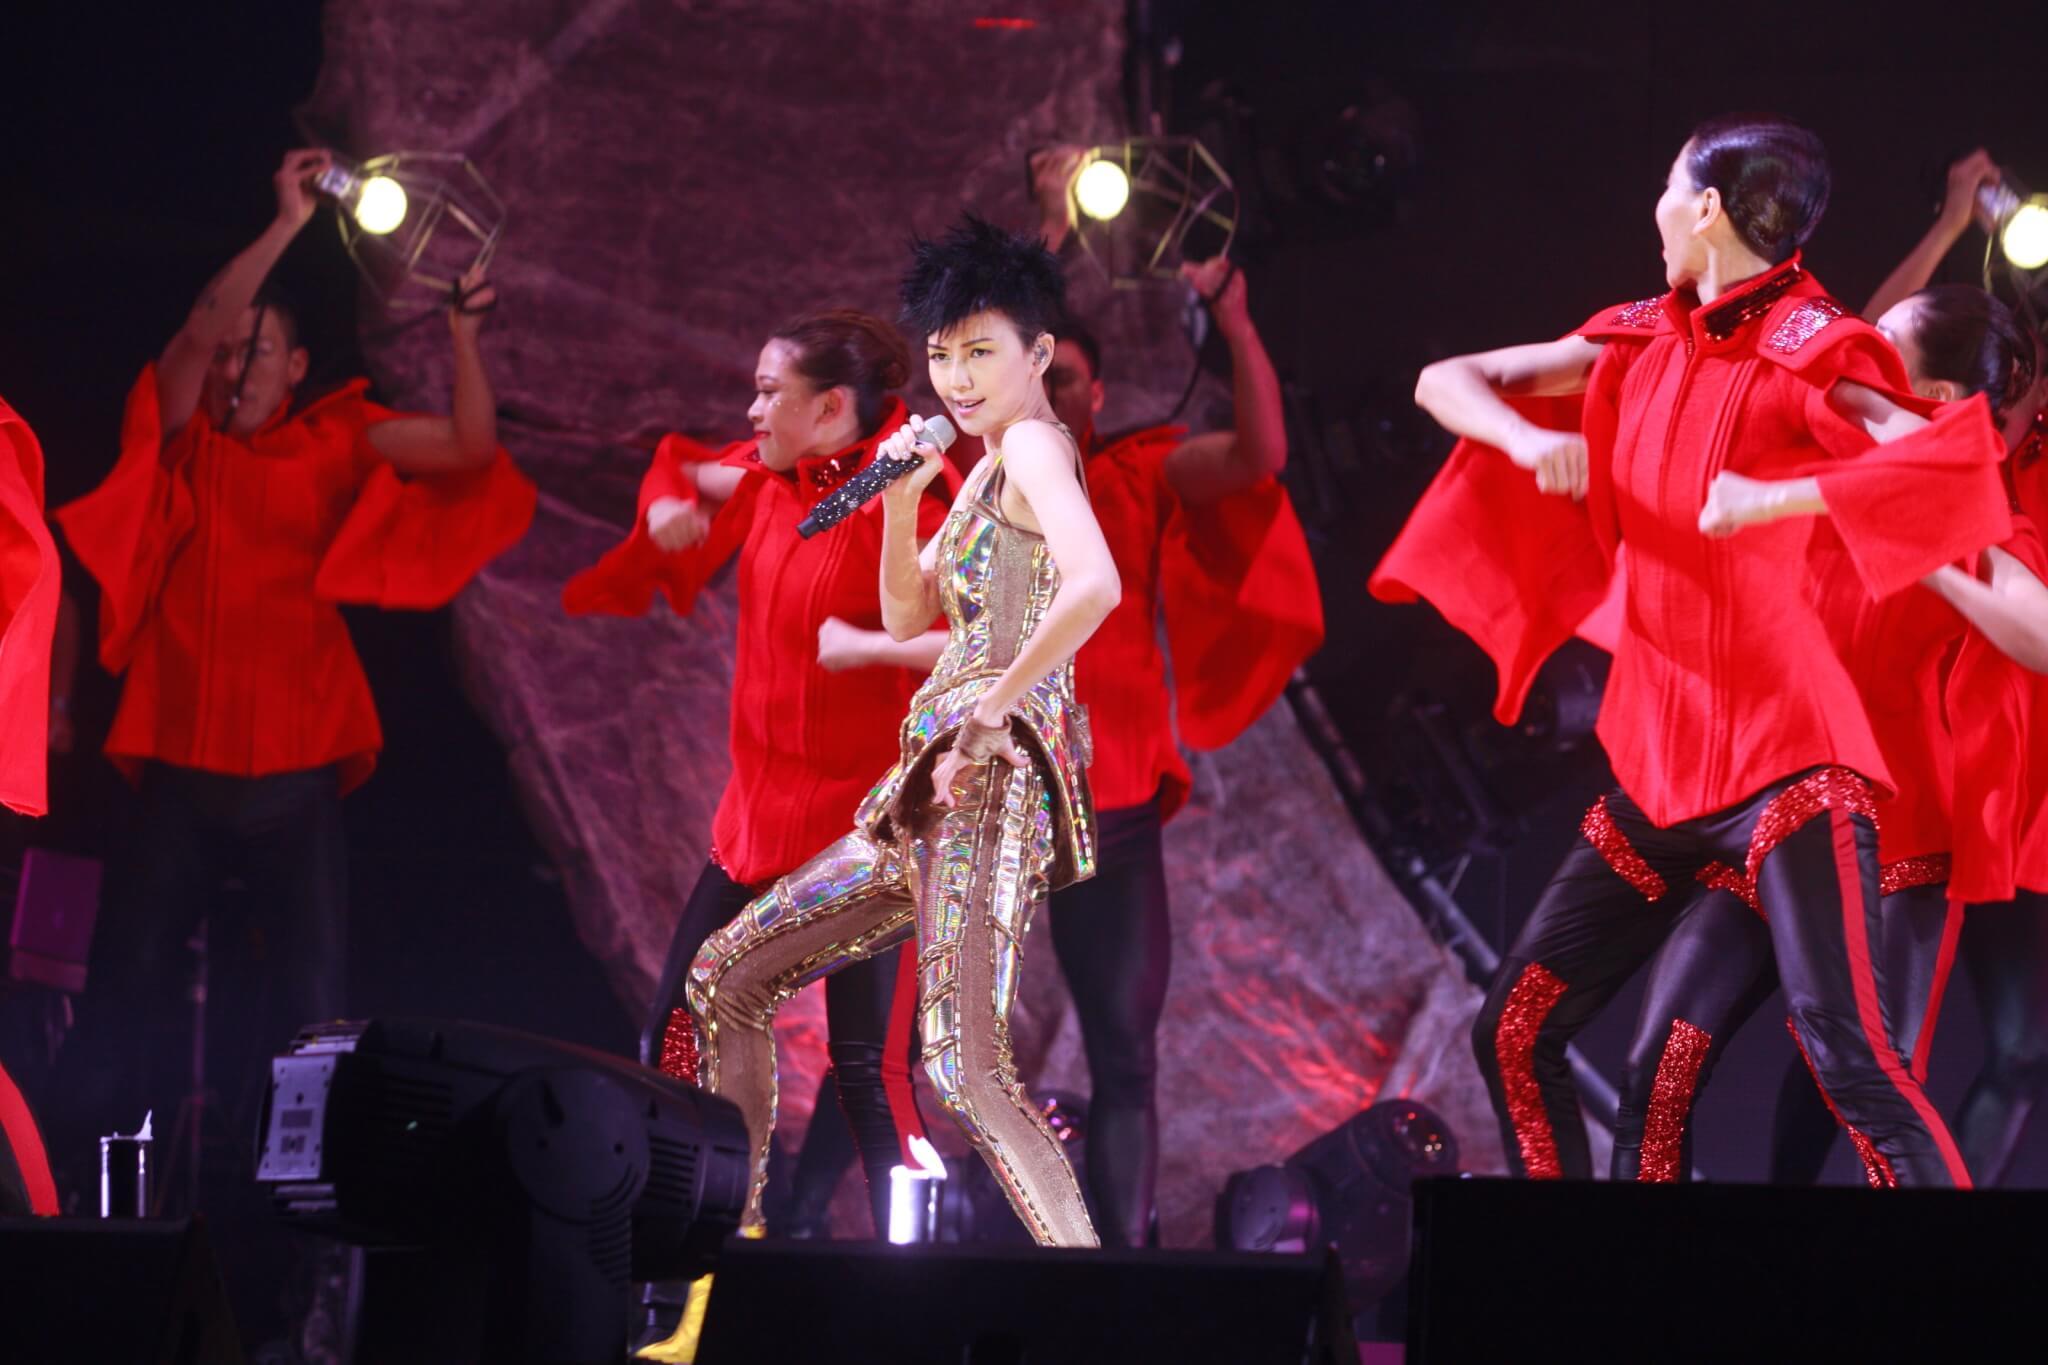 孫燕姿距離上次的《克卜勒》世界巡迴演唱會已有五年之久。